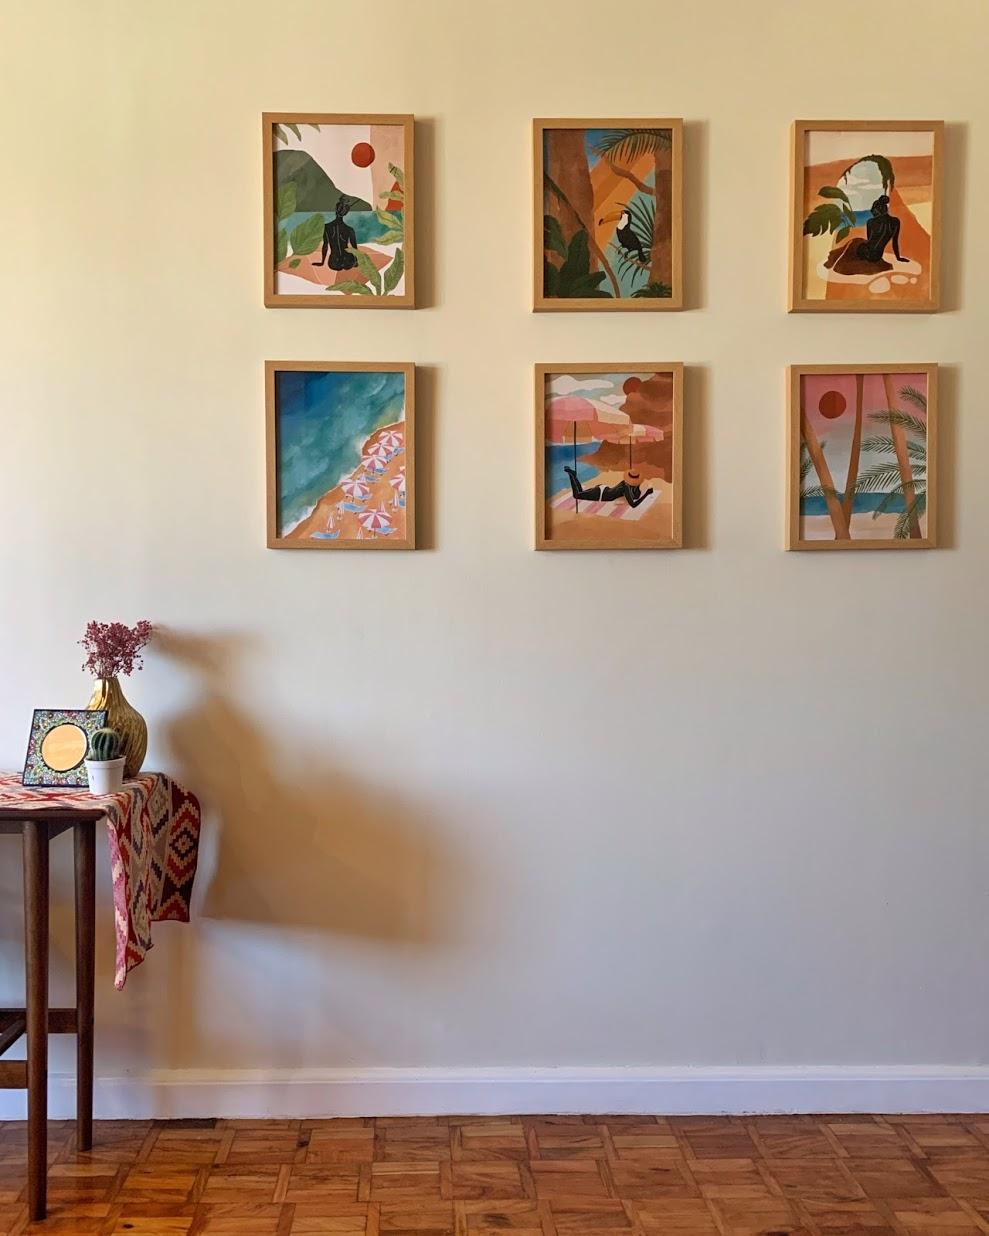 boho-inspired home makeover: artwork